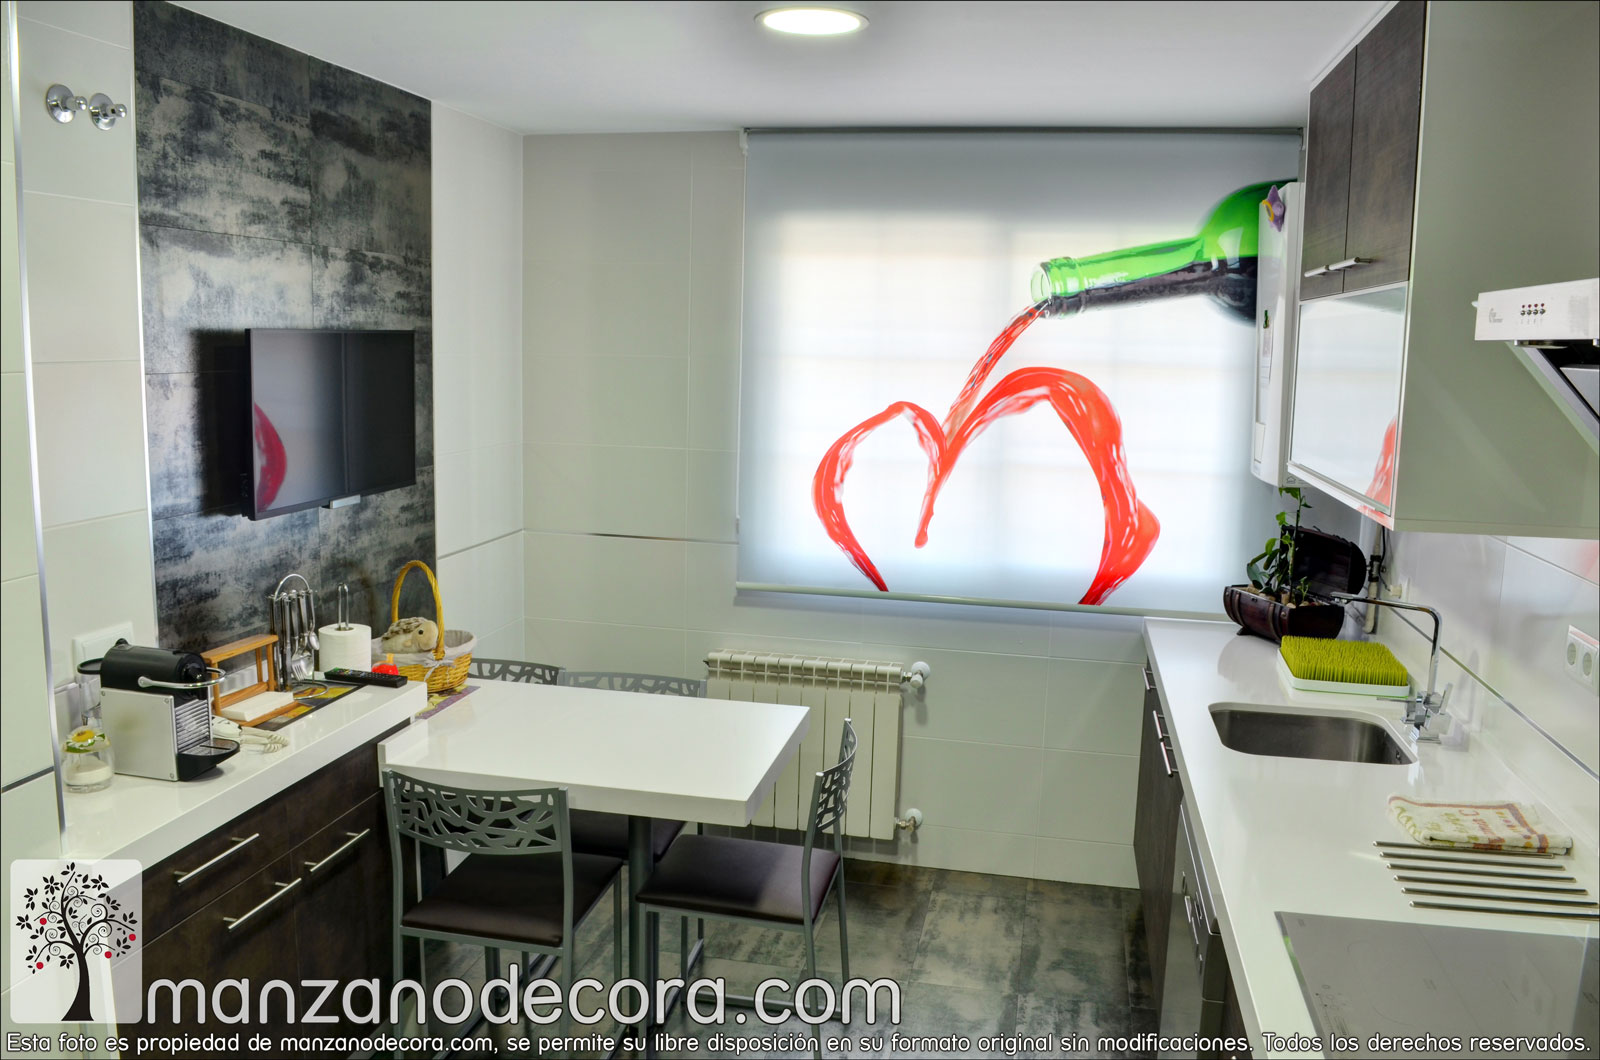 Estores enrollables cortinas manzanodecora - Stores de cocina ...